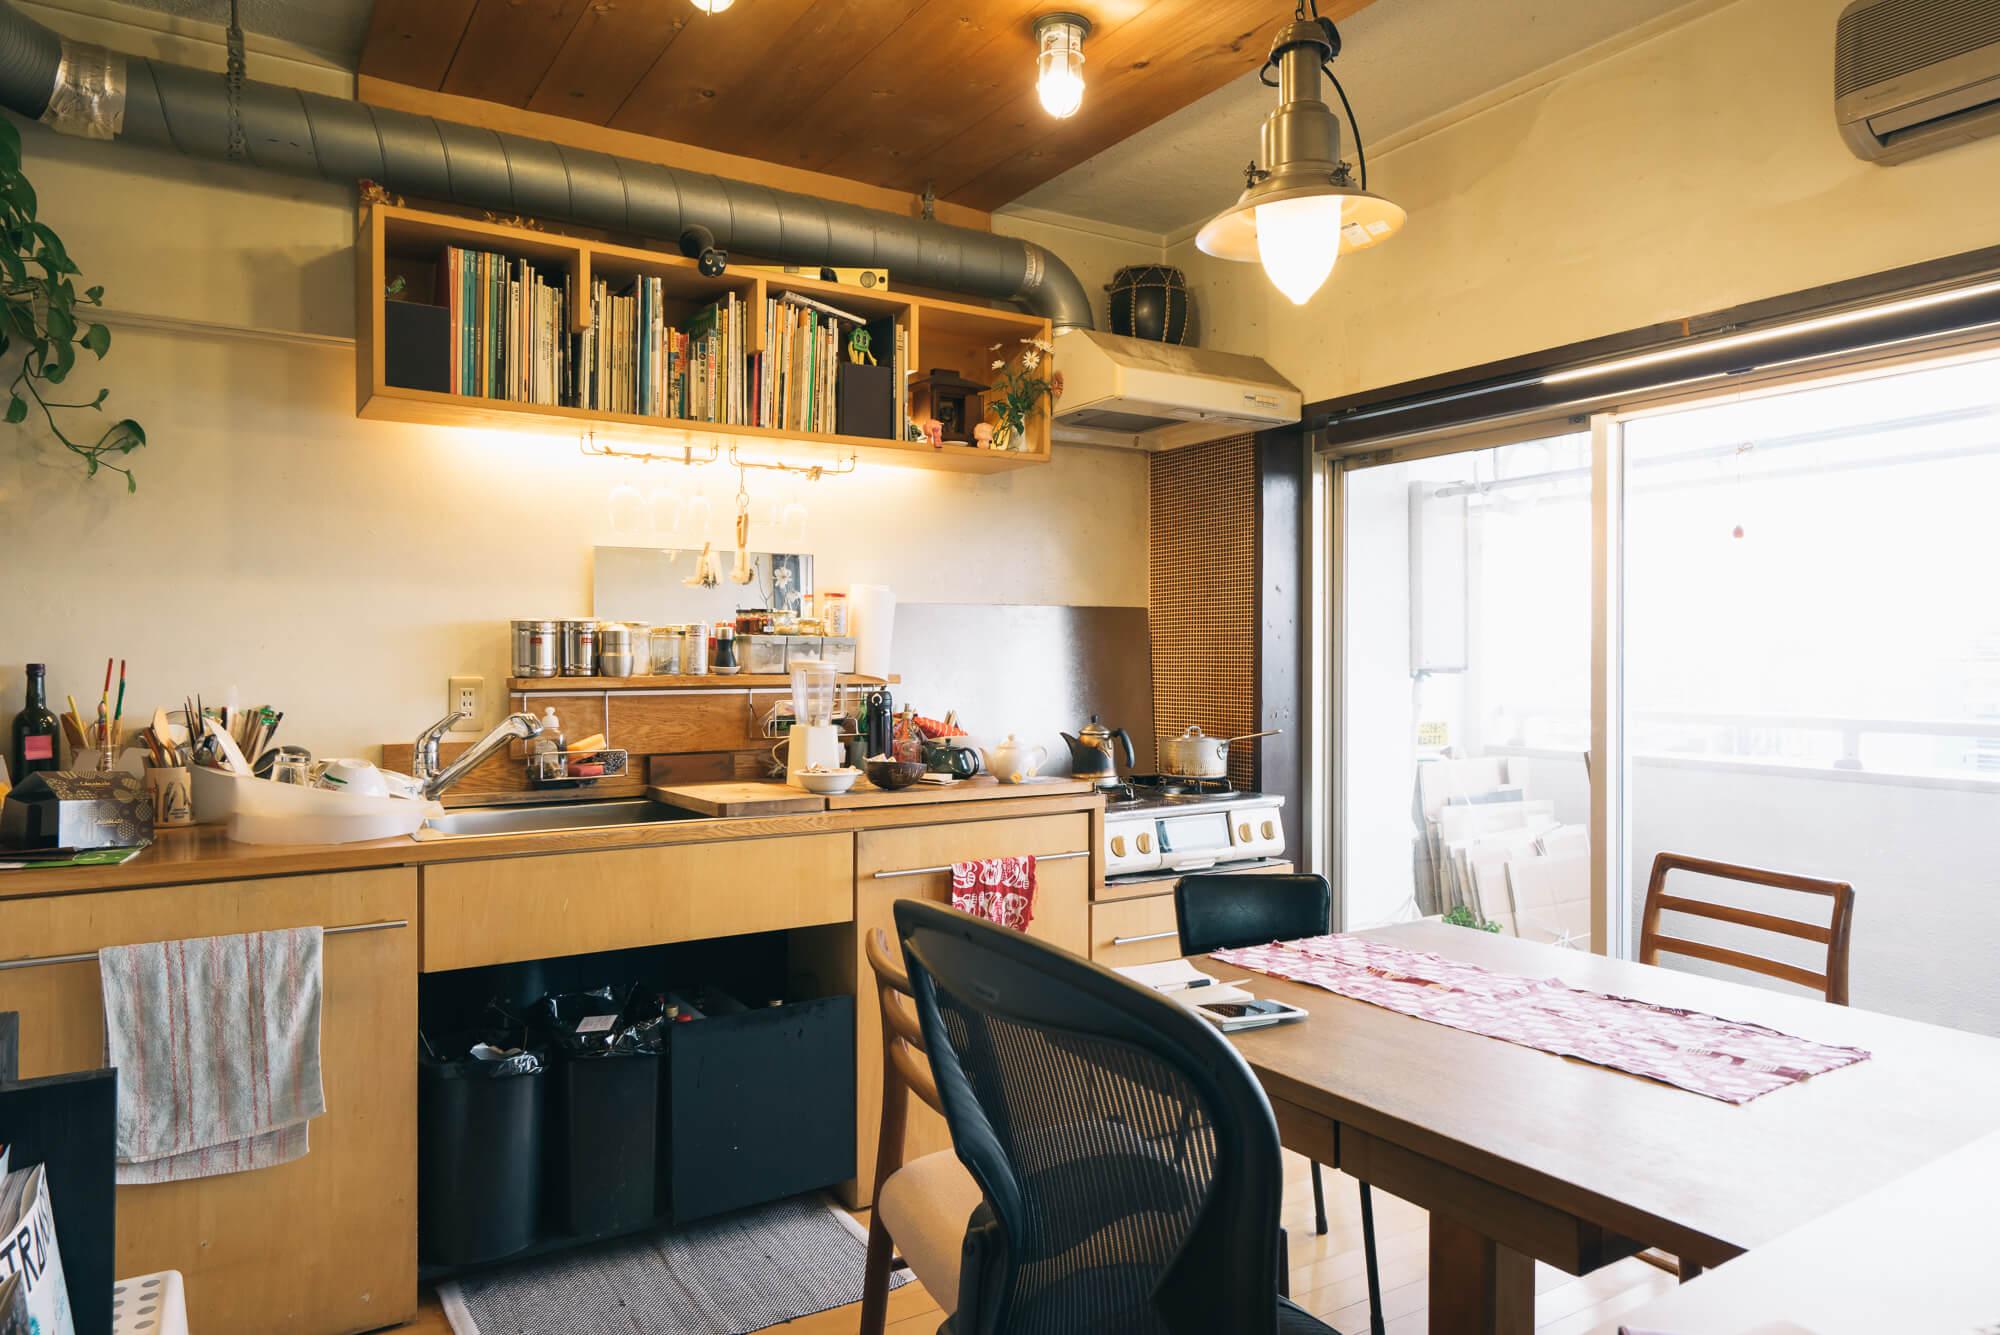 部屋の中で、一番羨ましかったのが、元の位置から90度変更してつくったという台所。木の素材がダイニングテーブルともぴったり。